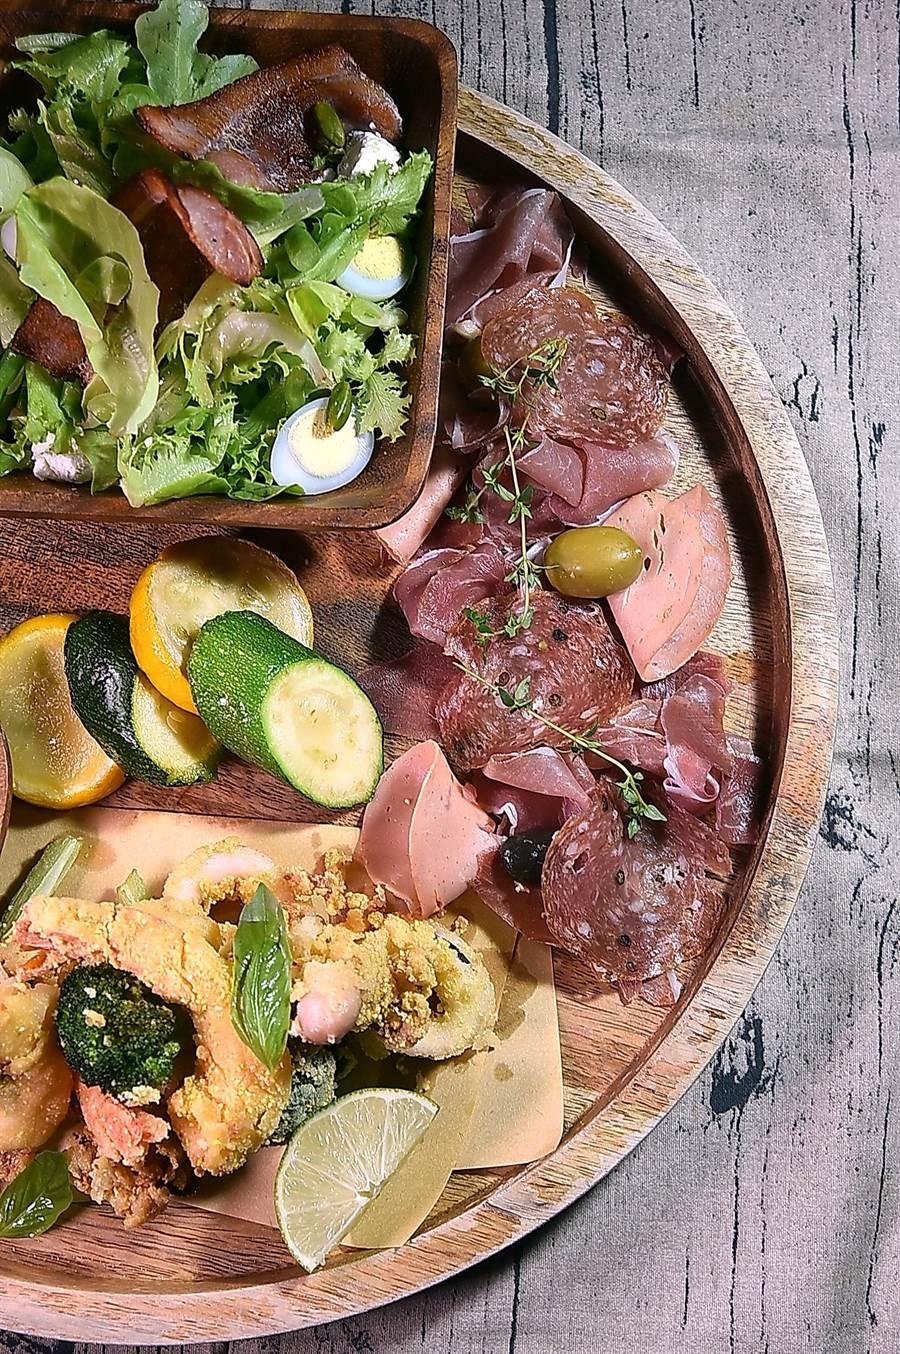 台北君悅〈Ziga Zaga〉的〈義式開胃集〉,是一集合酥炸海鮮、生菜沙拉、綜合冷肉,以及節瓜、橄欖、番茄和馬札瑞拉起司的綜合拼盤。(圖/姚舜)